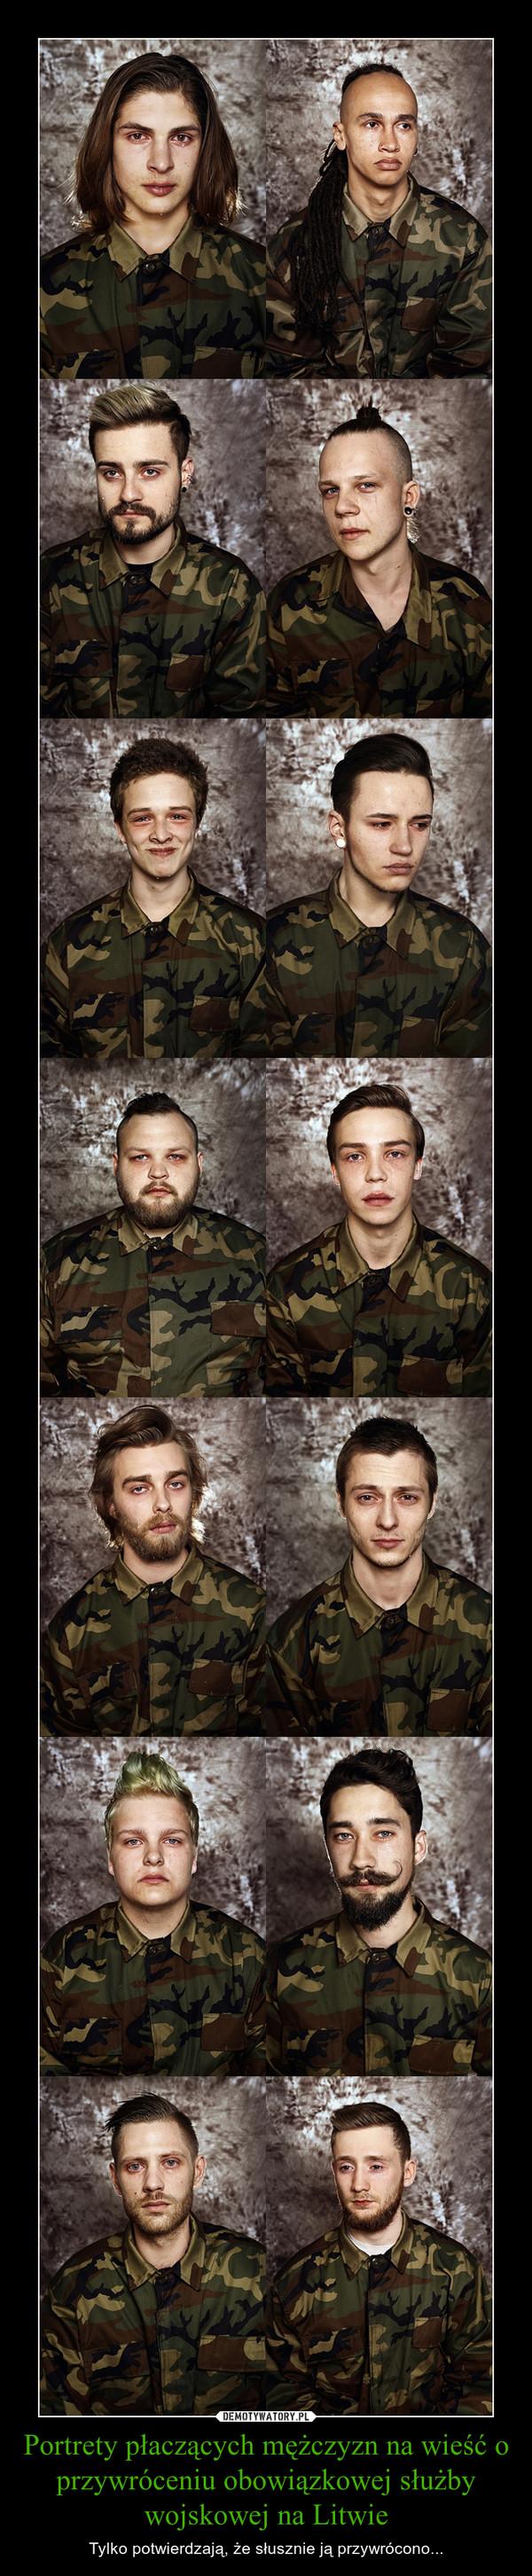 Portrety płaczących mężczyzn na wieść o przywróceniu obowiązkowej służby wojskowej na Litwie – Tylko potwierdzają, że słusznie ją przywrócono...